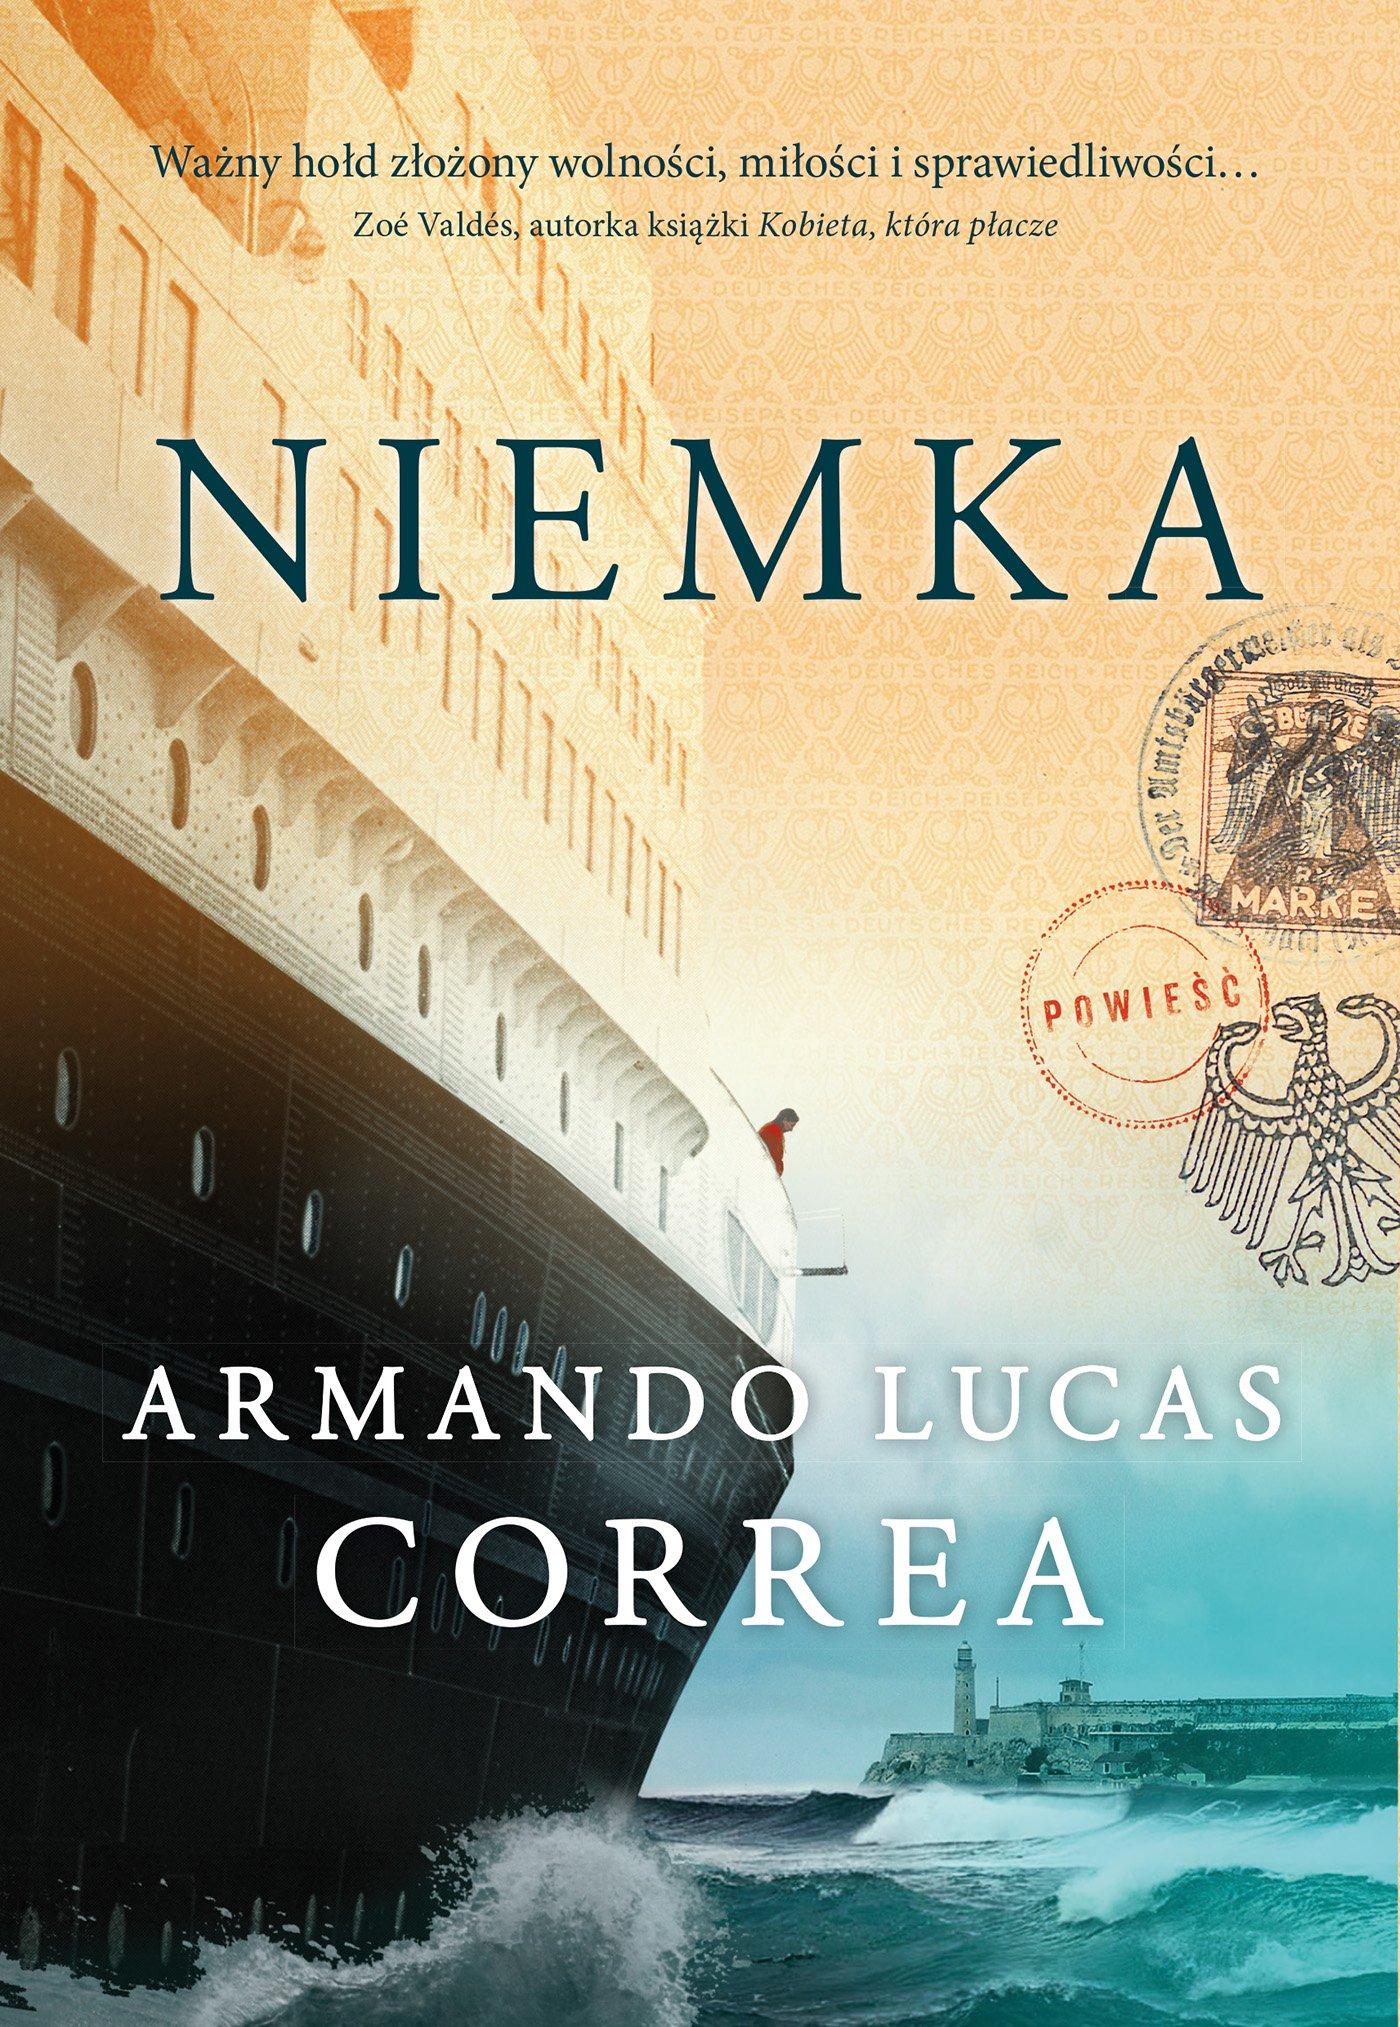 Niemka - Ebook (Książka EPUB) do pobrania w formacie EPUB